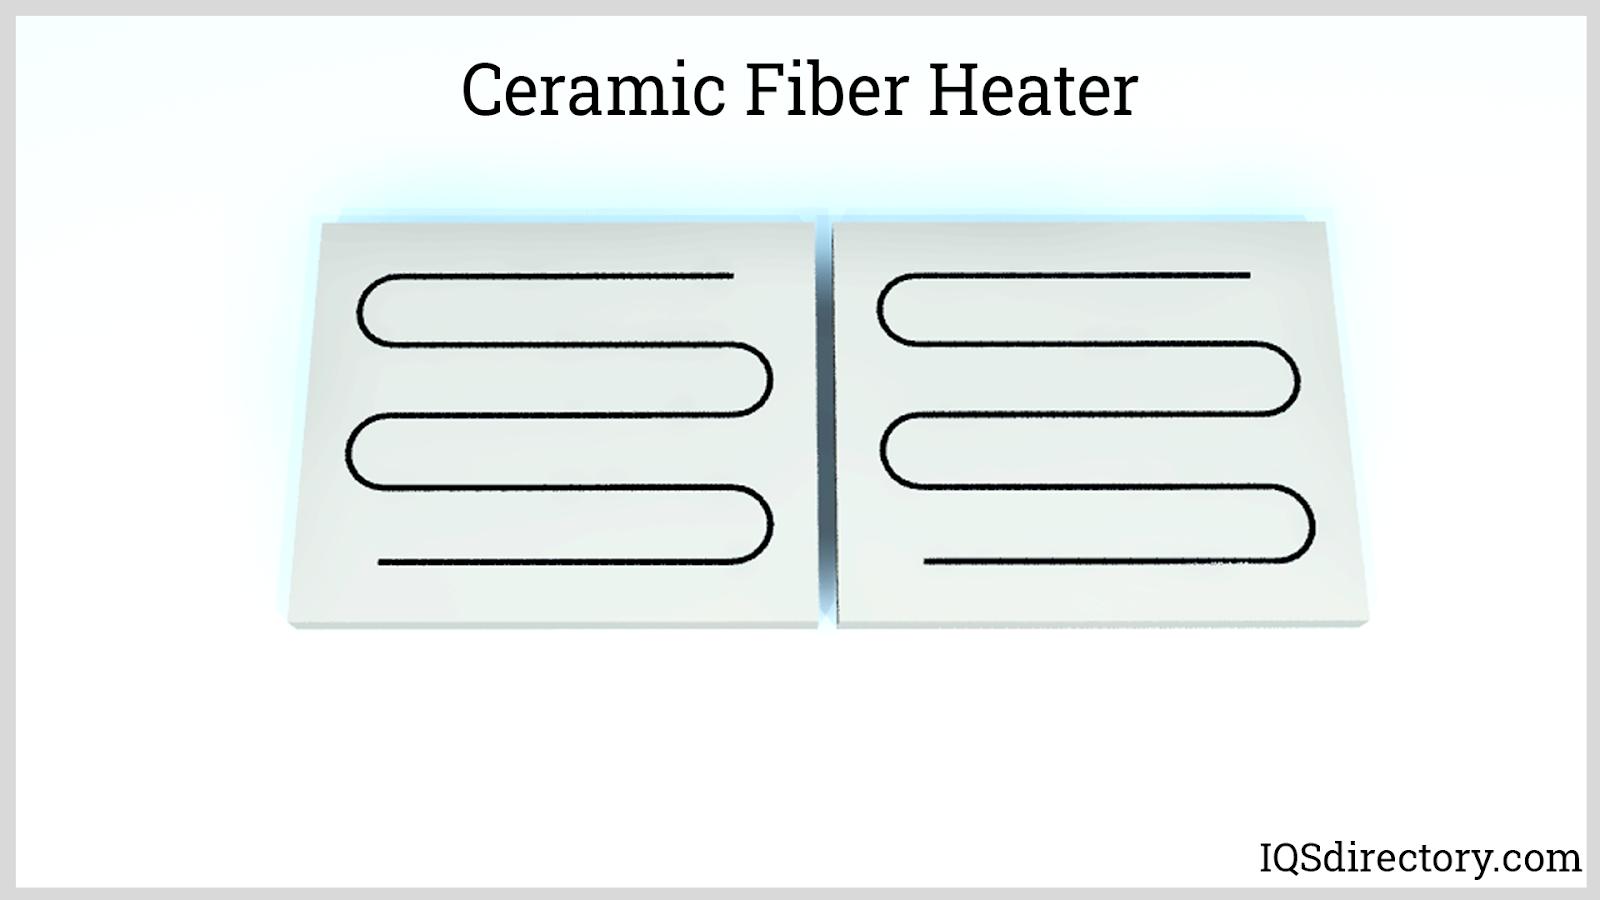 Ceramic Fiber Heater